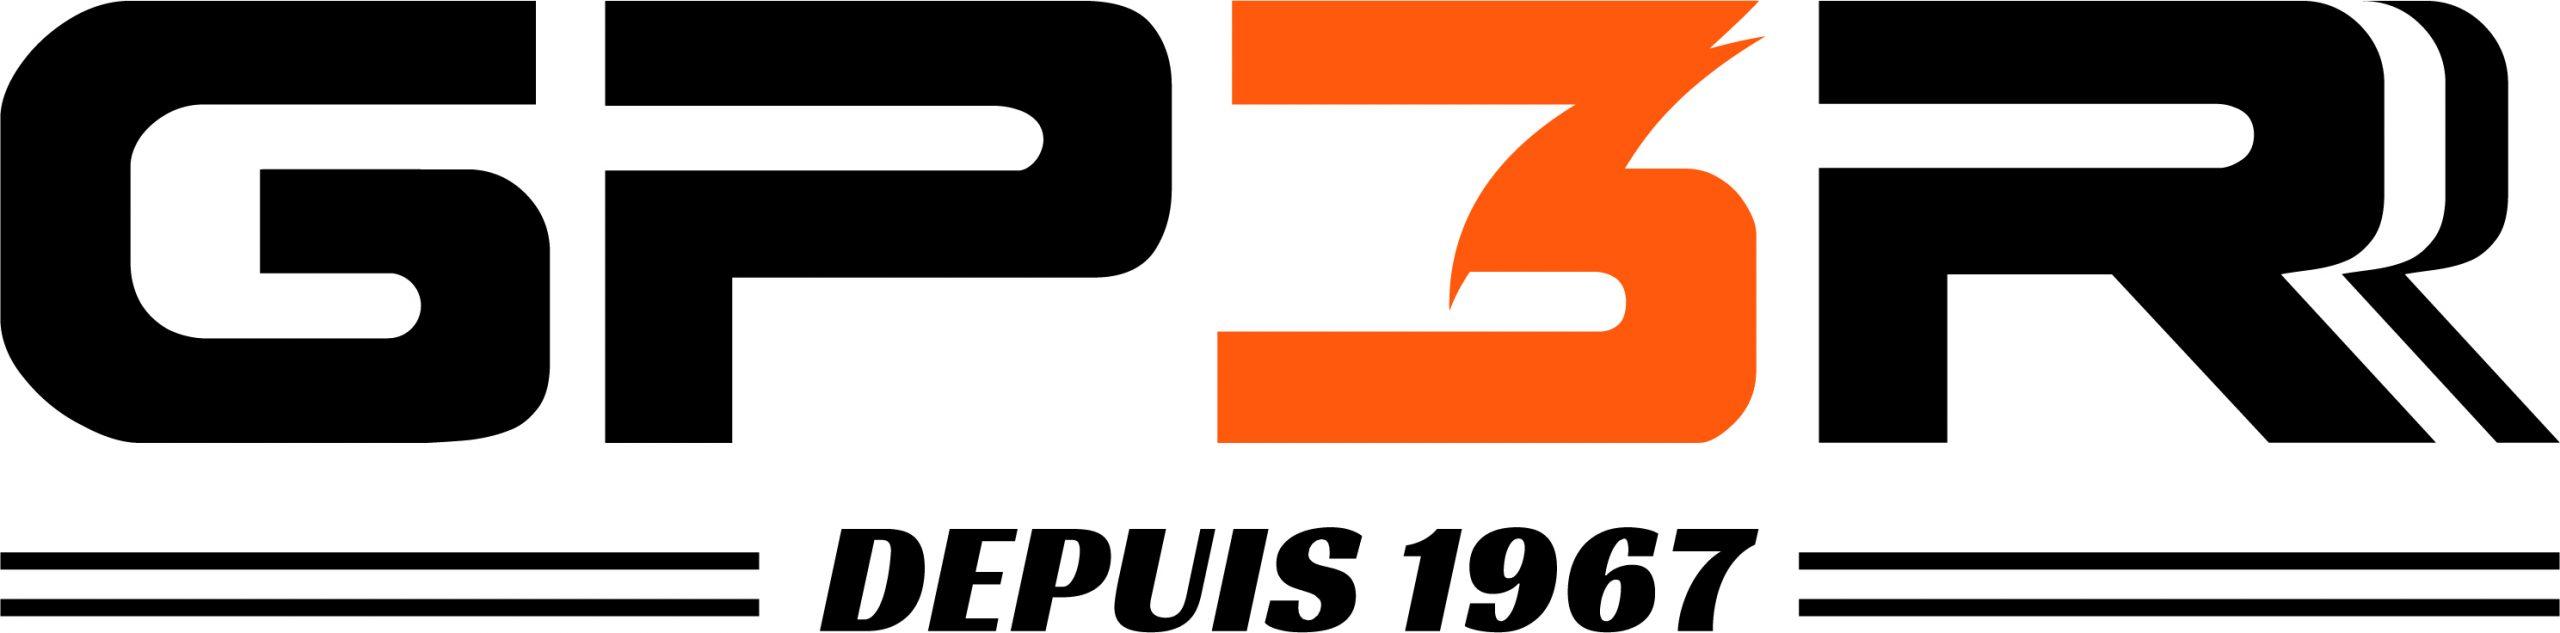 gp3r-depuis-1967-scaled